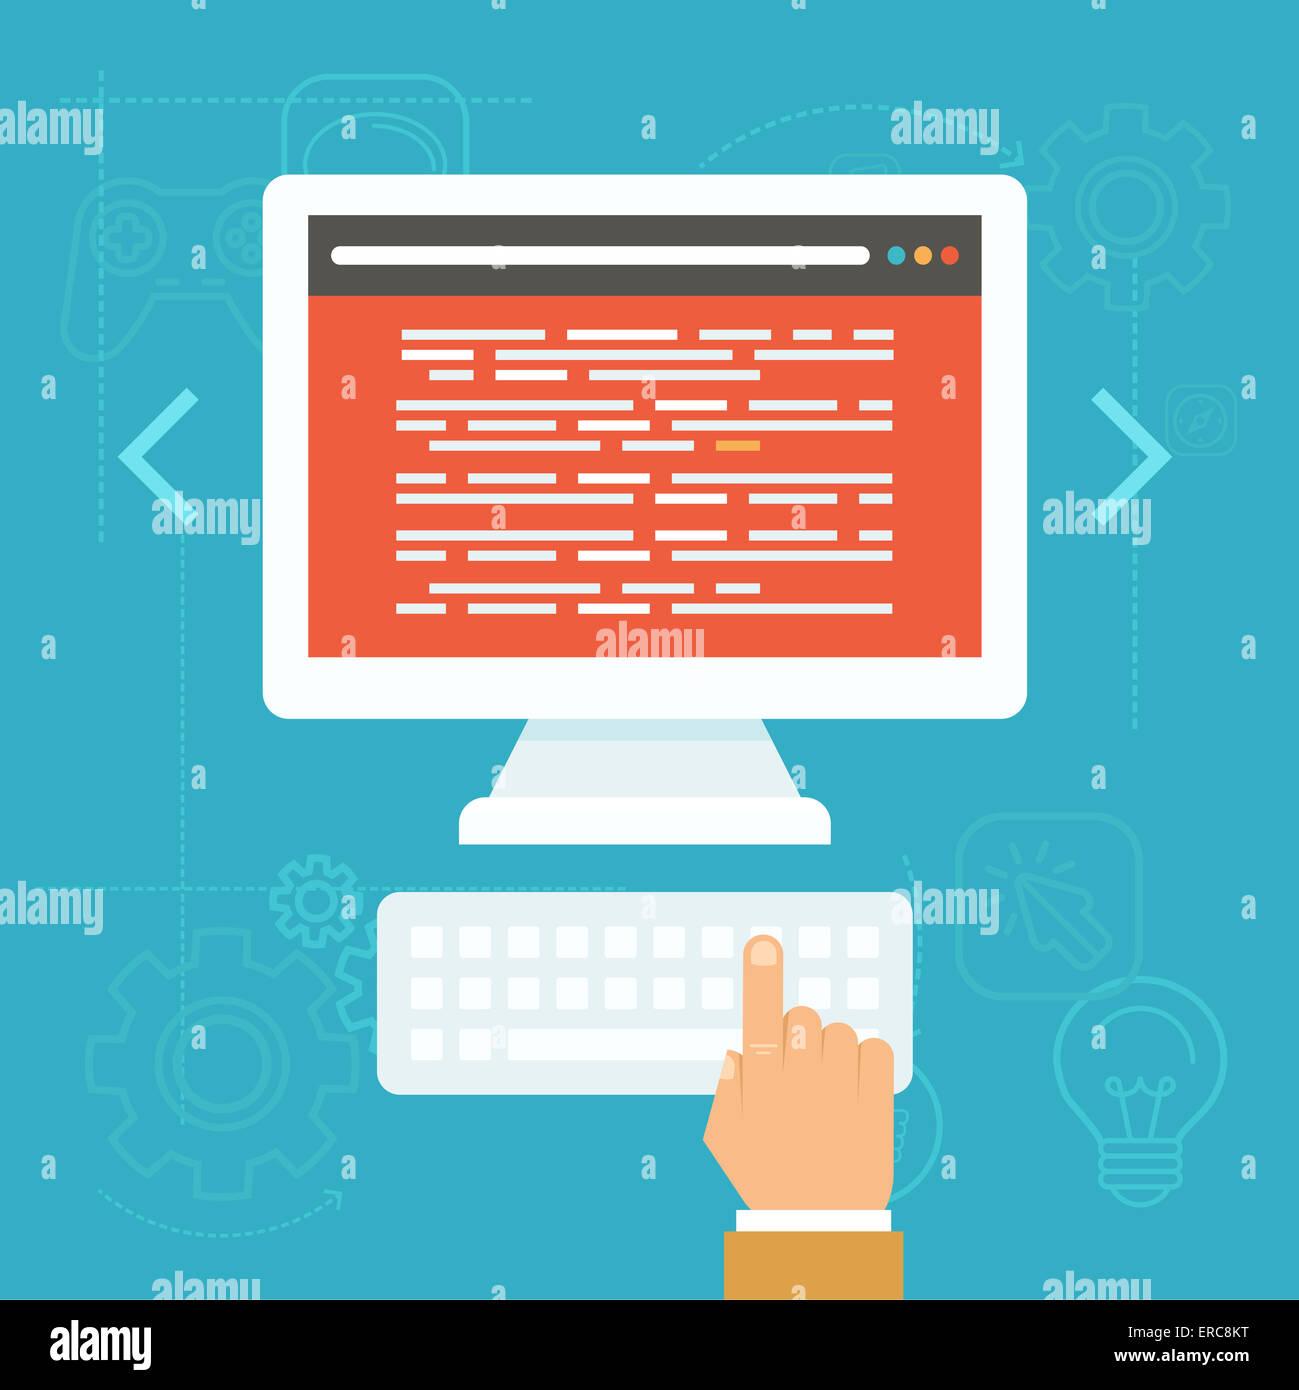 Concepto de pruebas de software en estilo plano - código fuente en la pantalla del ordenador Imagen De Stock